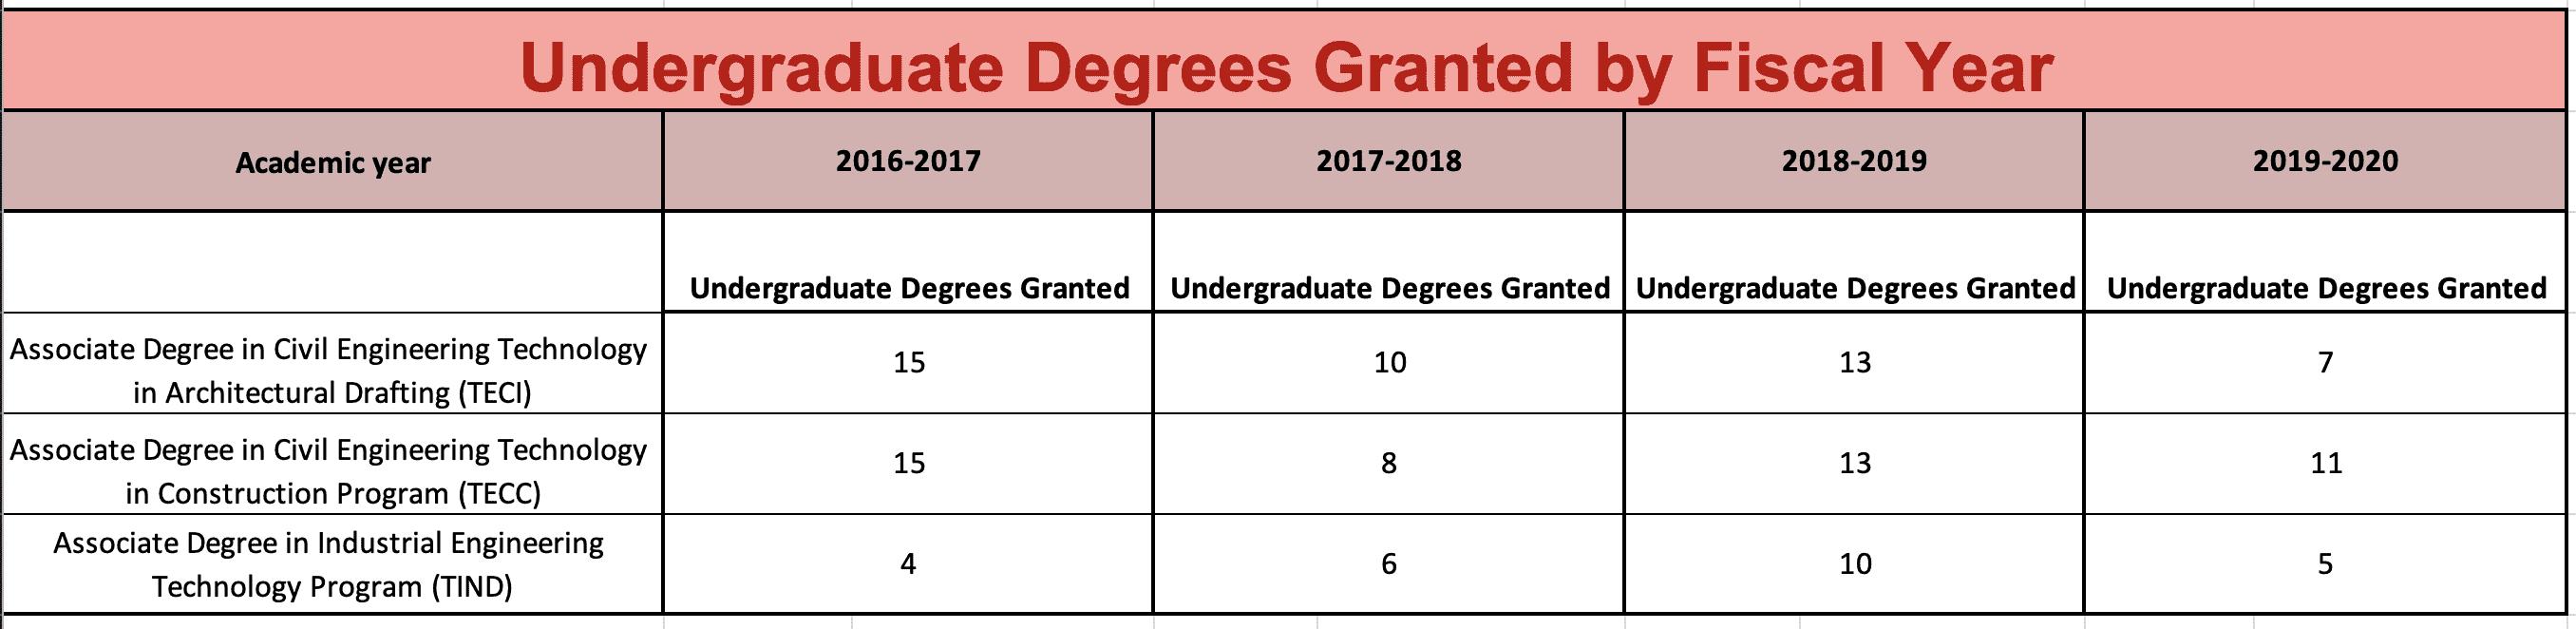 Undergraduate Degrees Granted